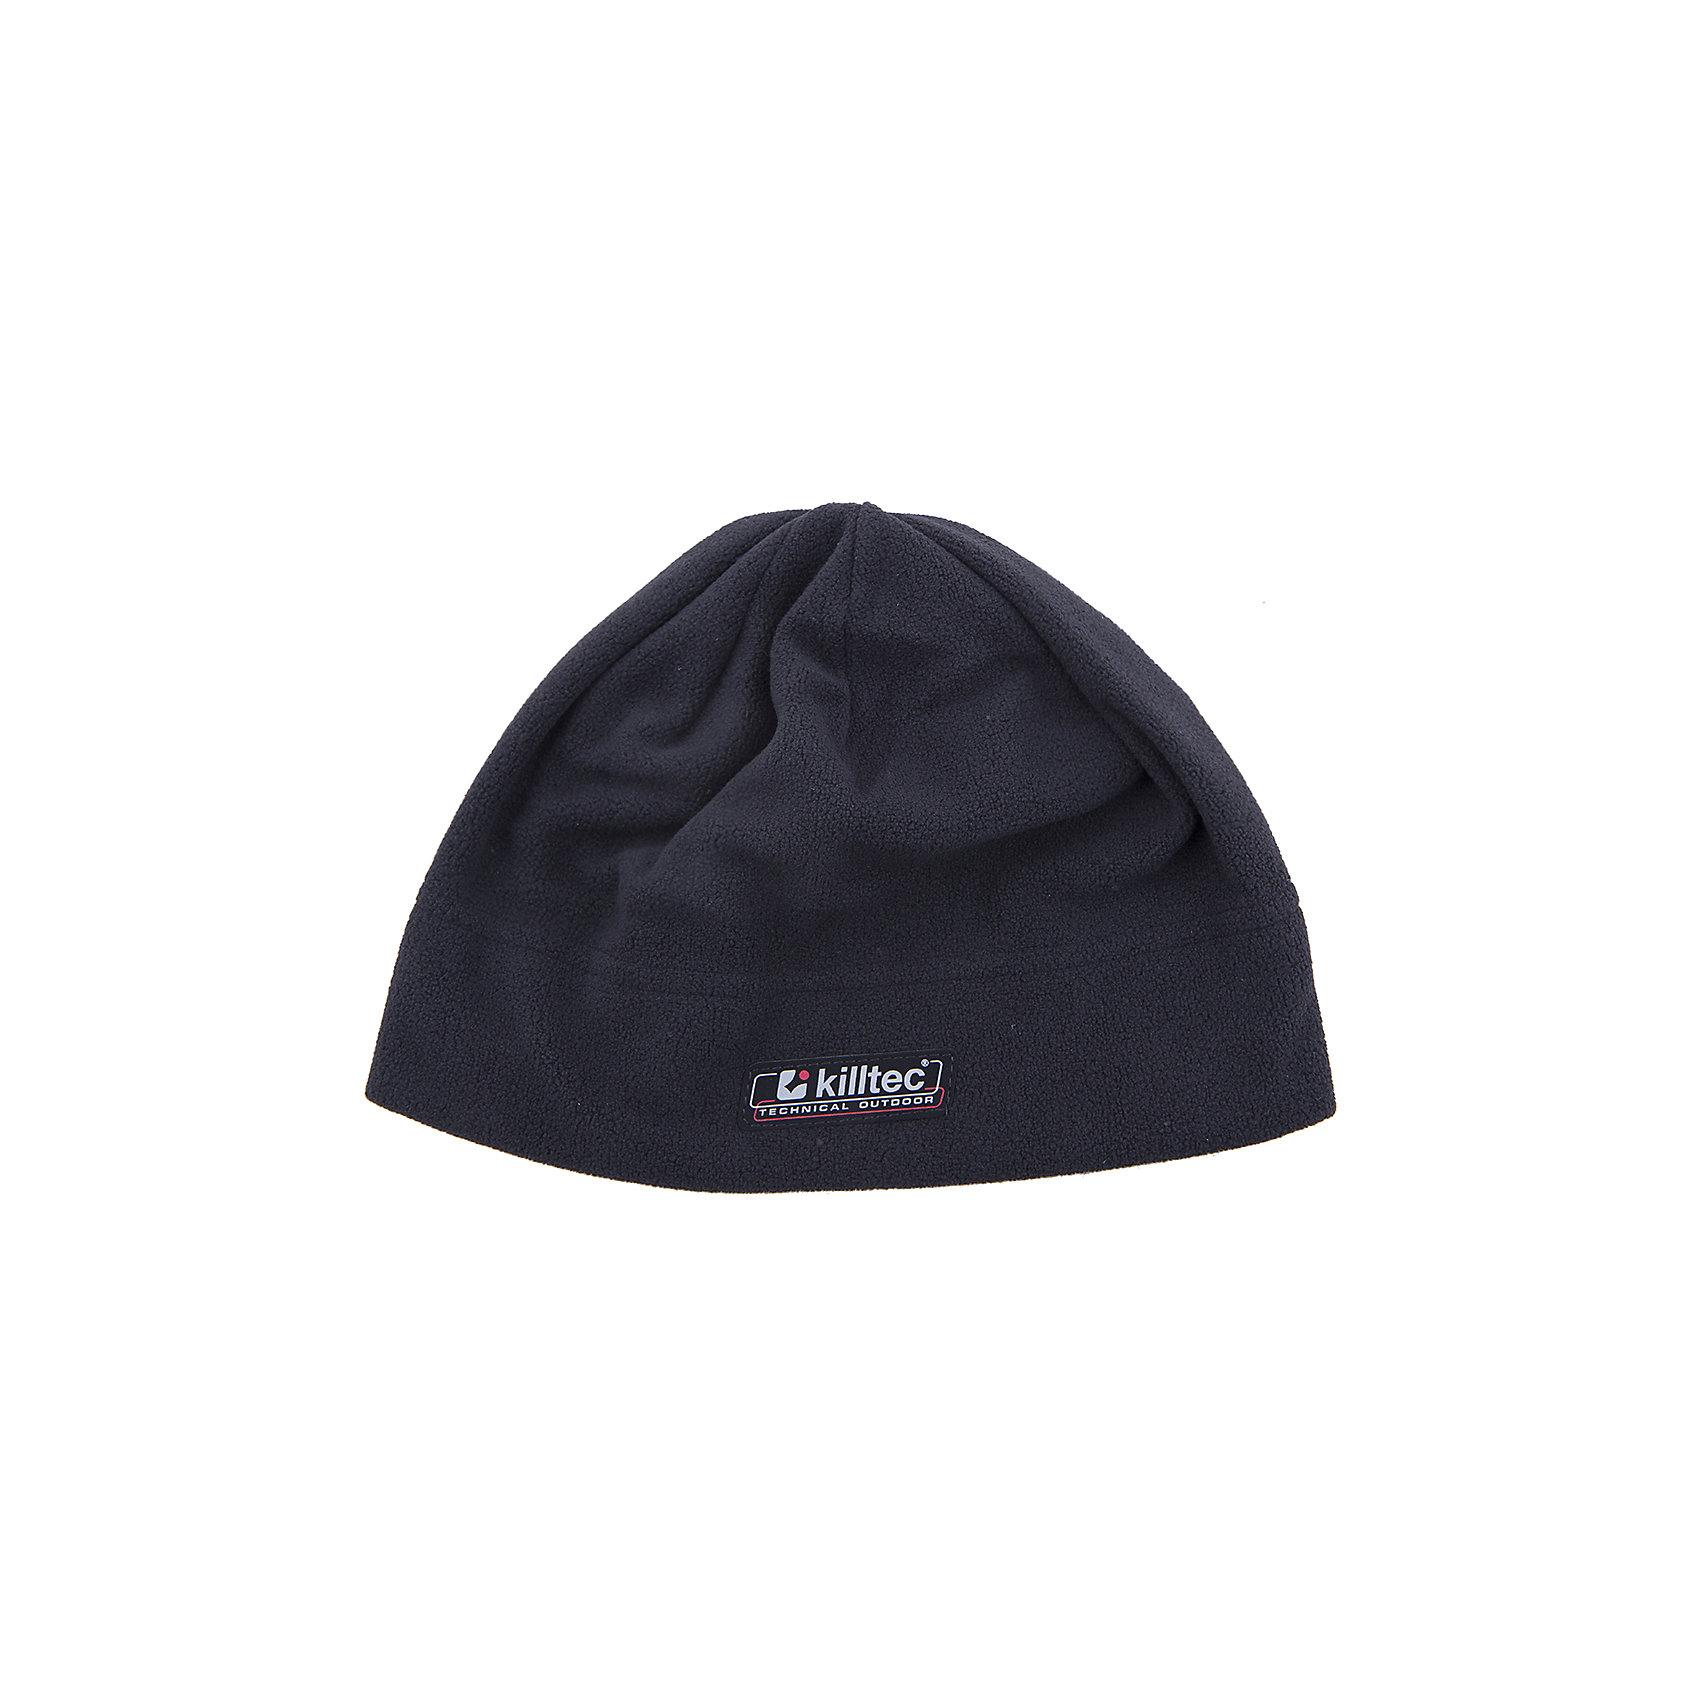 Шапка KilltecГоловные уборы<br>Шапка от известного немецкого бренда Killtec <br><br>Стильная черная шапка подойдет для спорта и активного отдыха в холодное время года. Все детали её тщательно проработаны, швы отличаются превосходным качеством. <br><br>Особенности модели:<br><br>- материал - флис, мягкий, эластичный;<br>- цвет - черный;<br>- нашивка с лейблом.<br><br>Дополнительная информация:<br><br>Состав: 100% полиэстер<br><br><br>Температурный режим:<br><br>от - 15°С до 0°С<br><br>Шапку от известного немецкого бренда Killtec (Килтек) можно купить в нашем магазине.<br><br>Ширина мм: 356<br>Глубина мм: 10<br>Высота мм: 245<br>Вес г: 519<br>Цвет: белый<br>Возраст от месяцев: 36<br>Возраст до месяцев: 48<br>Пол: Мужской<br>Возраст: Детский<br>Размер: 49-51<br>SKU: 4242066